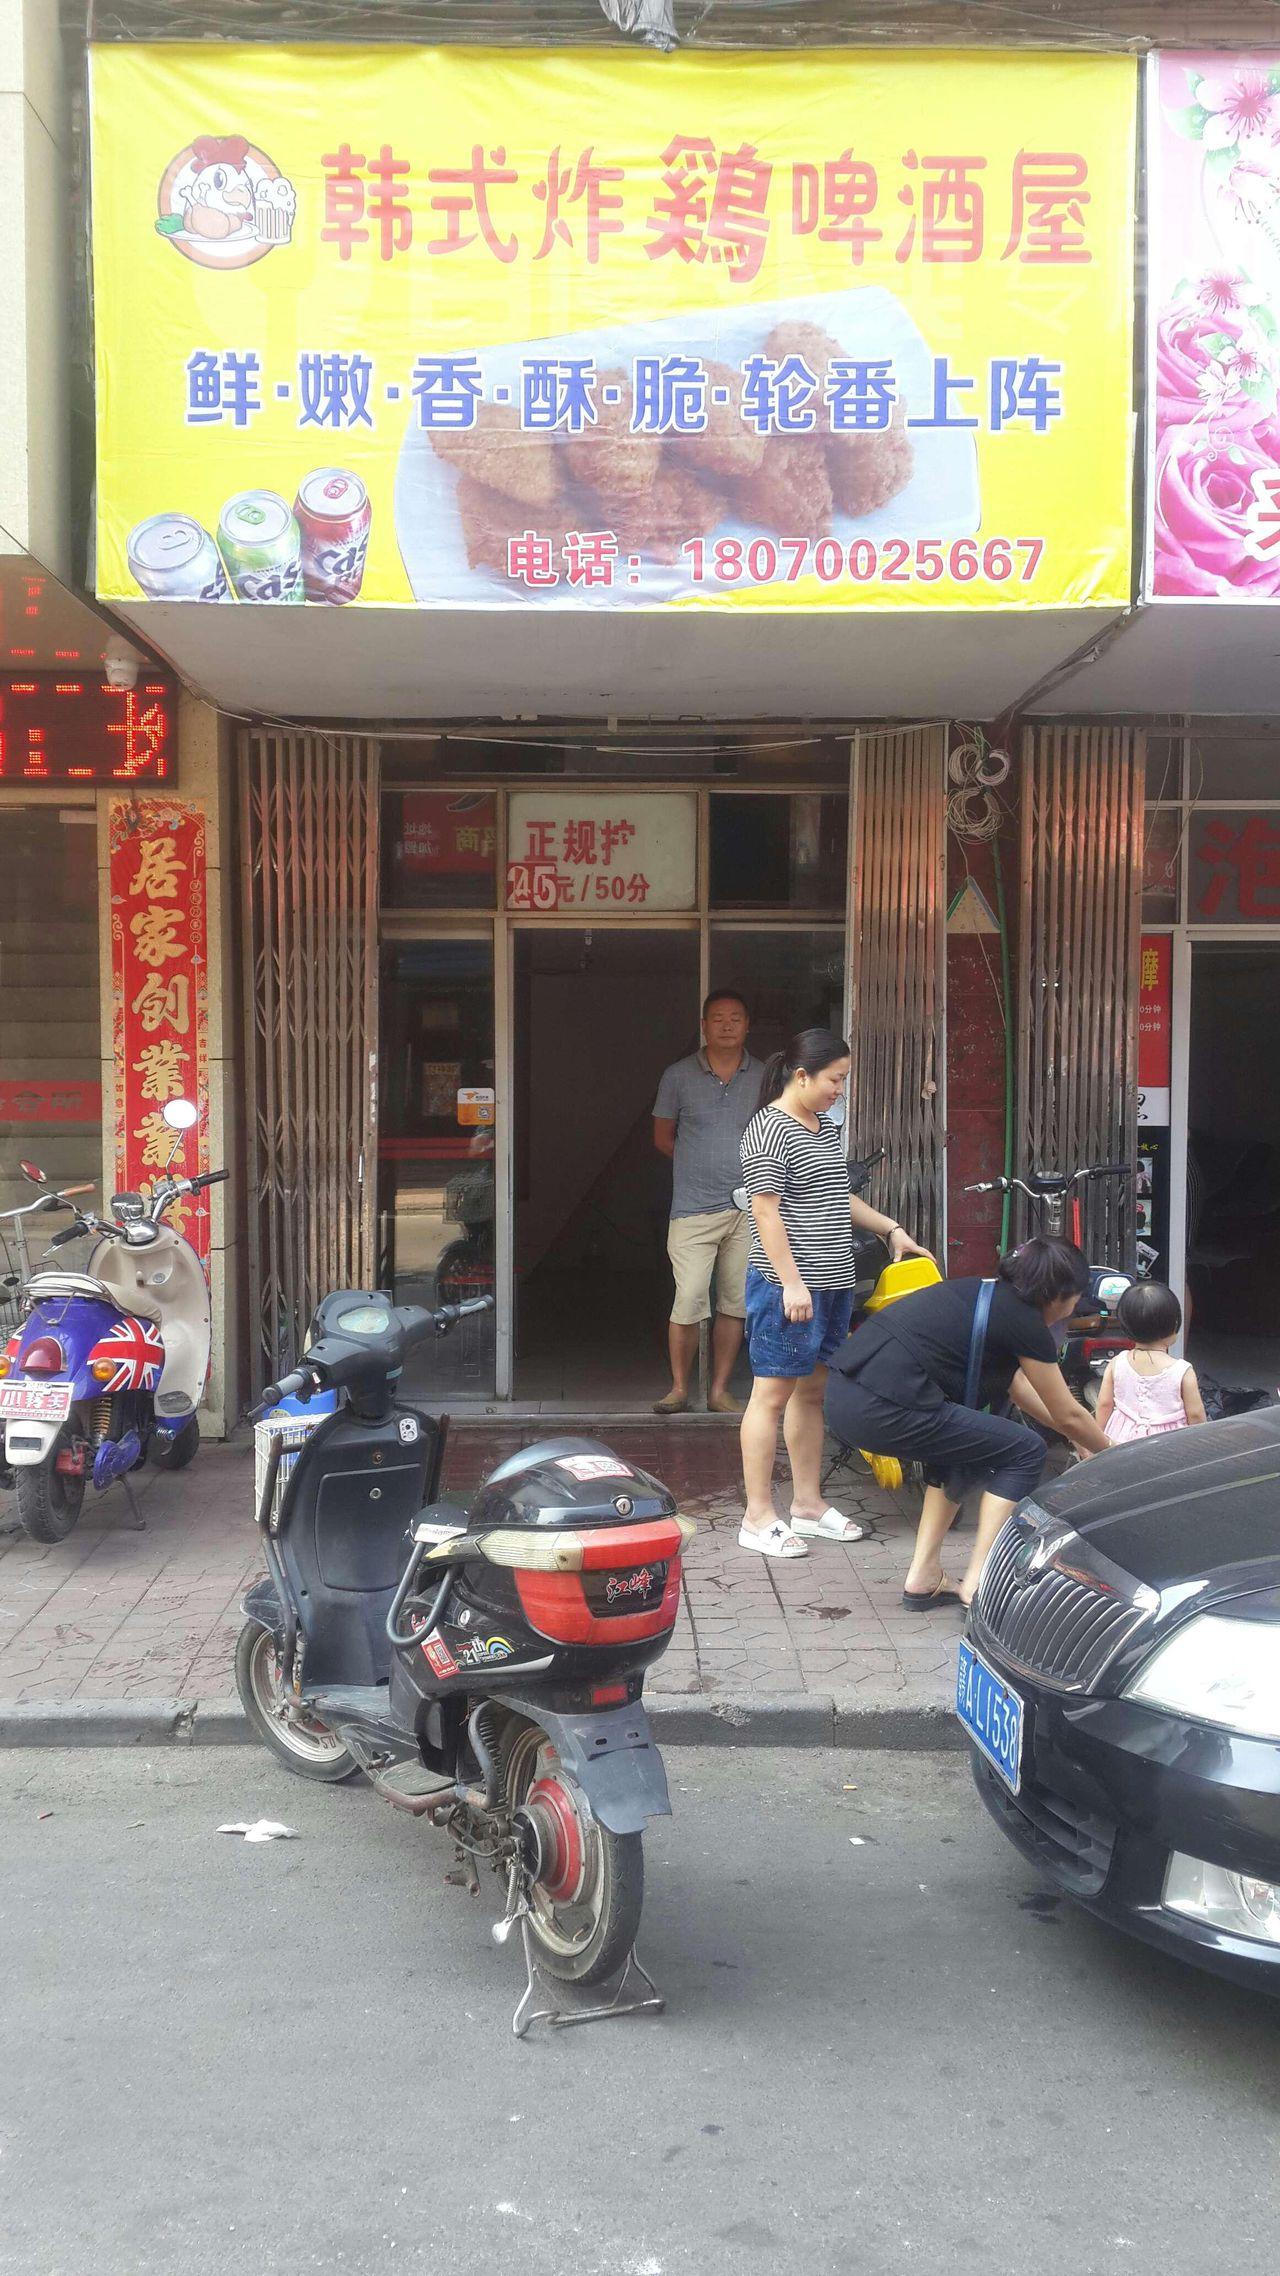 韩式炸鸡啤酒屋(池湾路店)图片